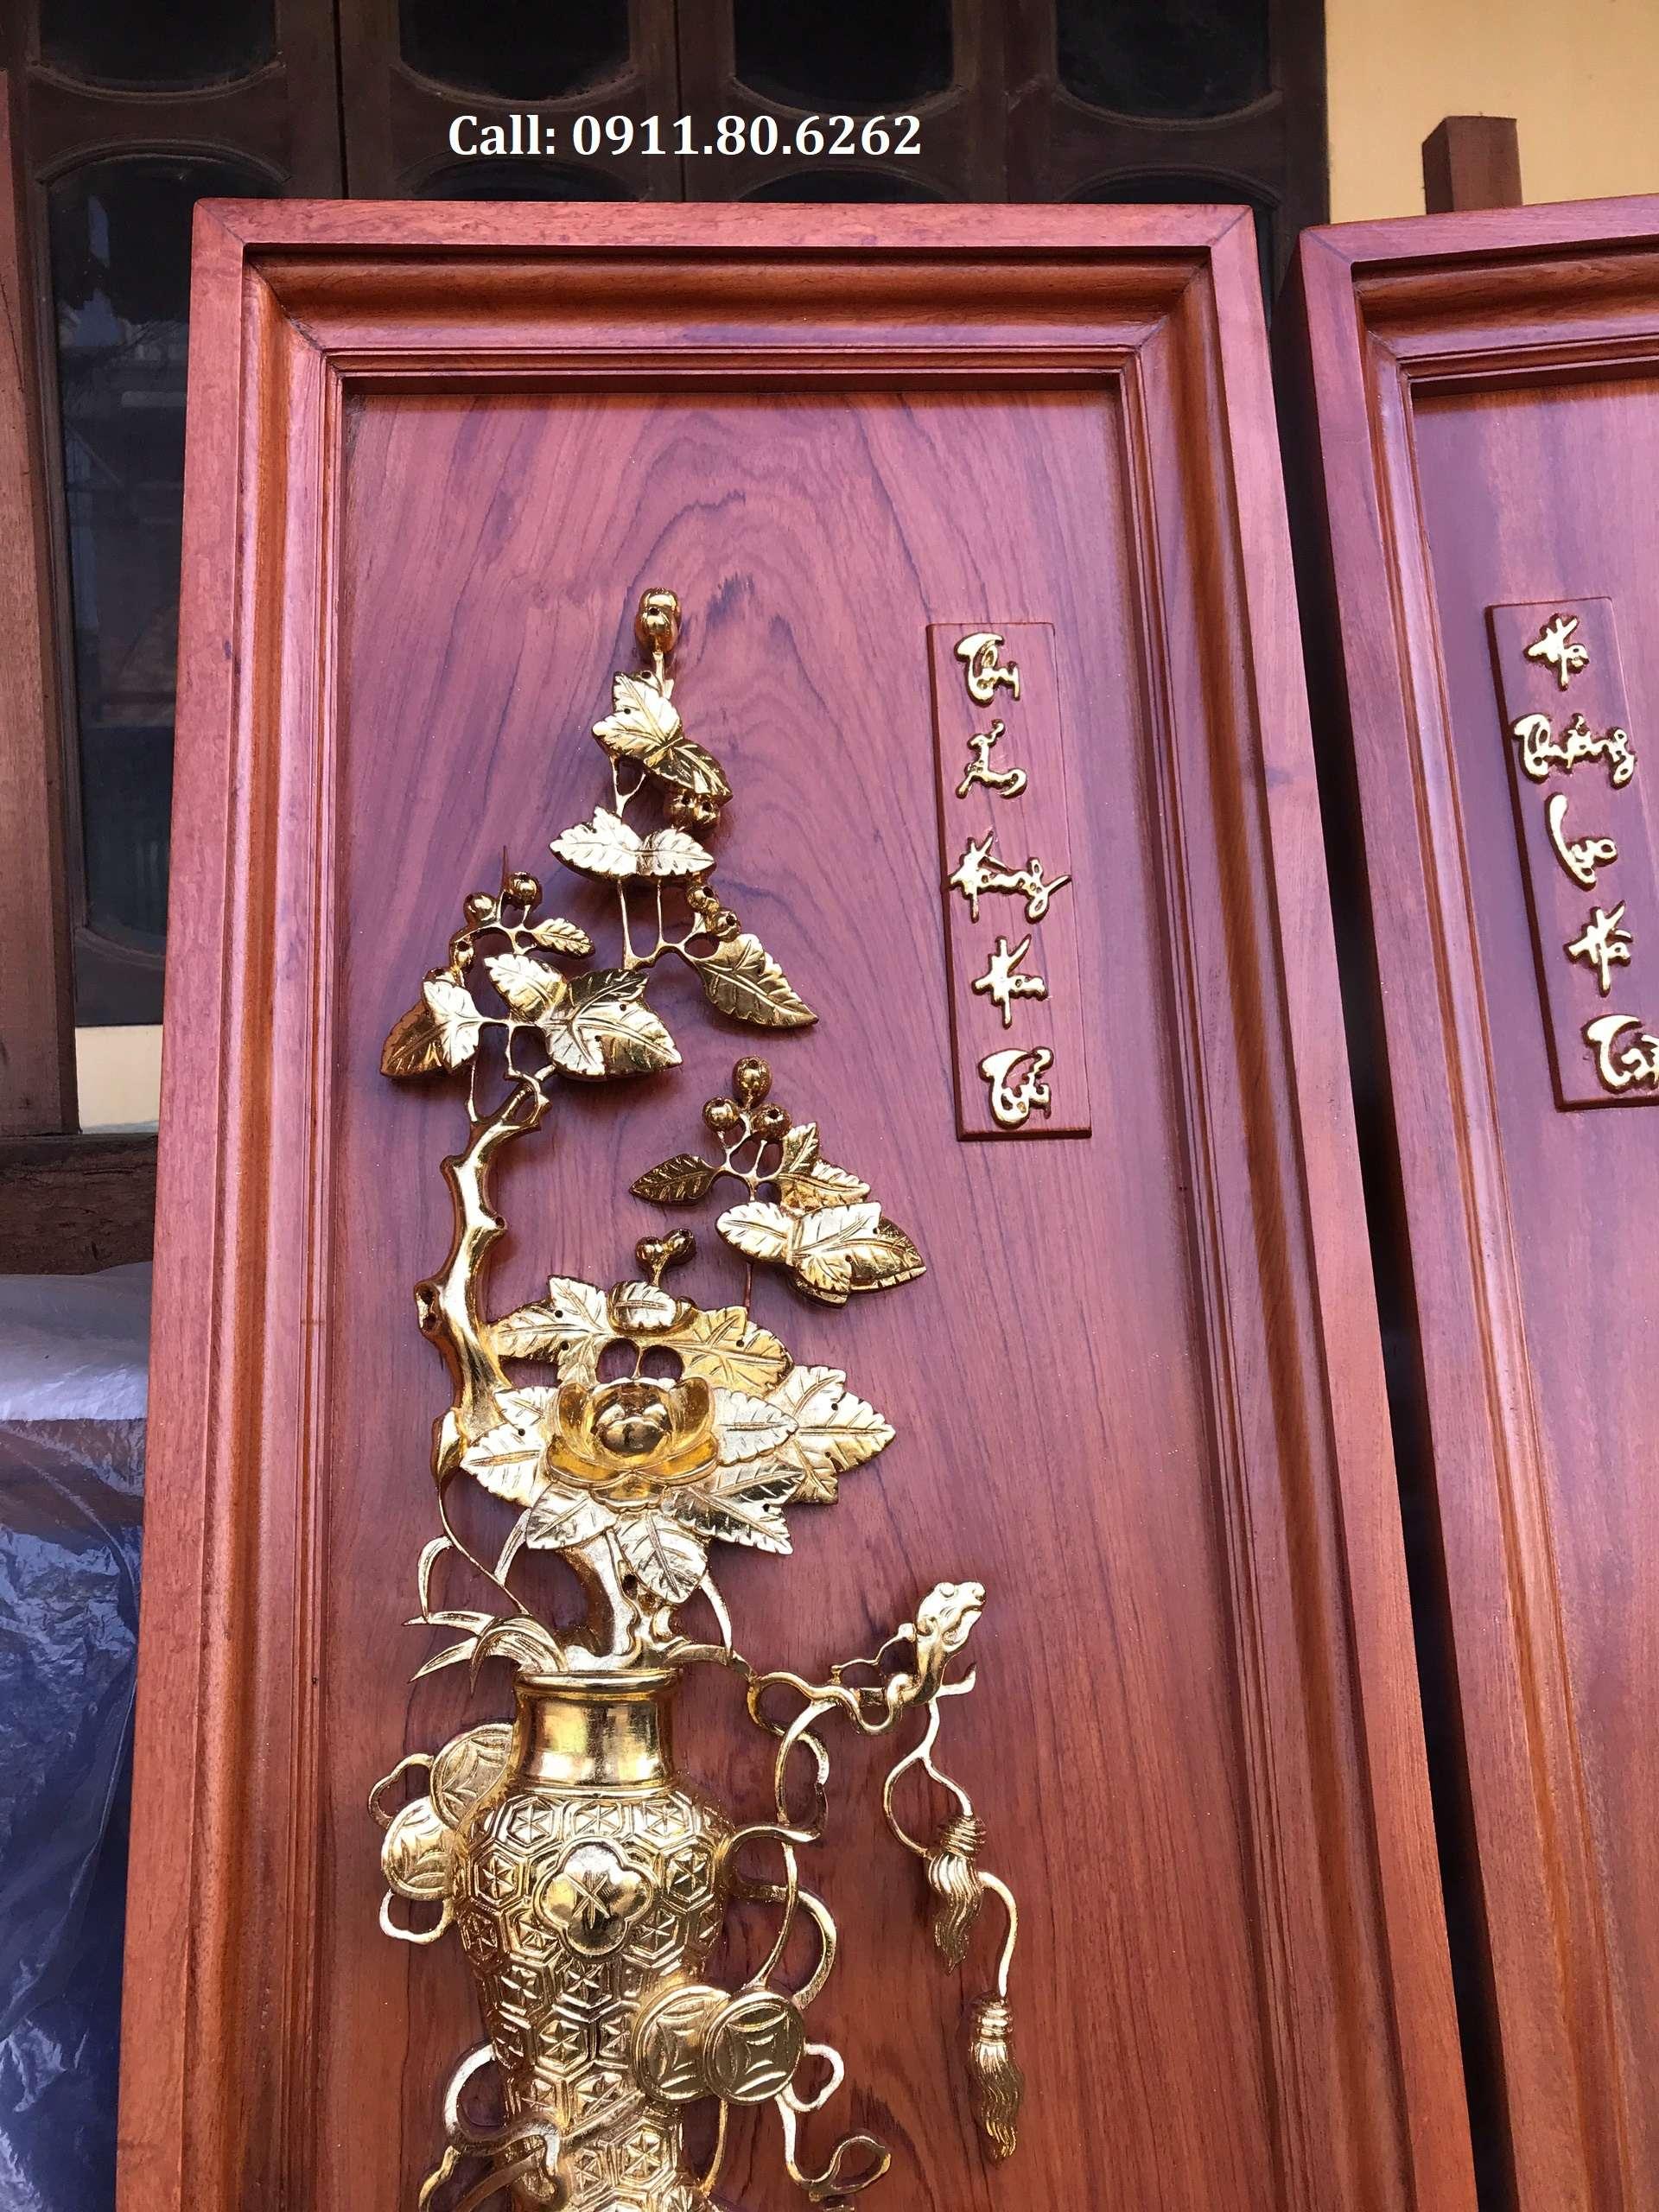 Tranh Tu Binh Son Son Thep Vang 1 - Tranh Tứ Bình Sơn Son Thiếp Vàng MS: 15